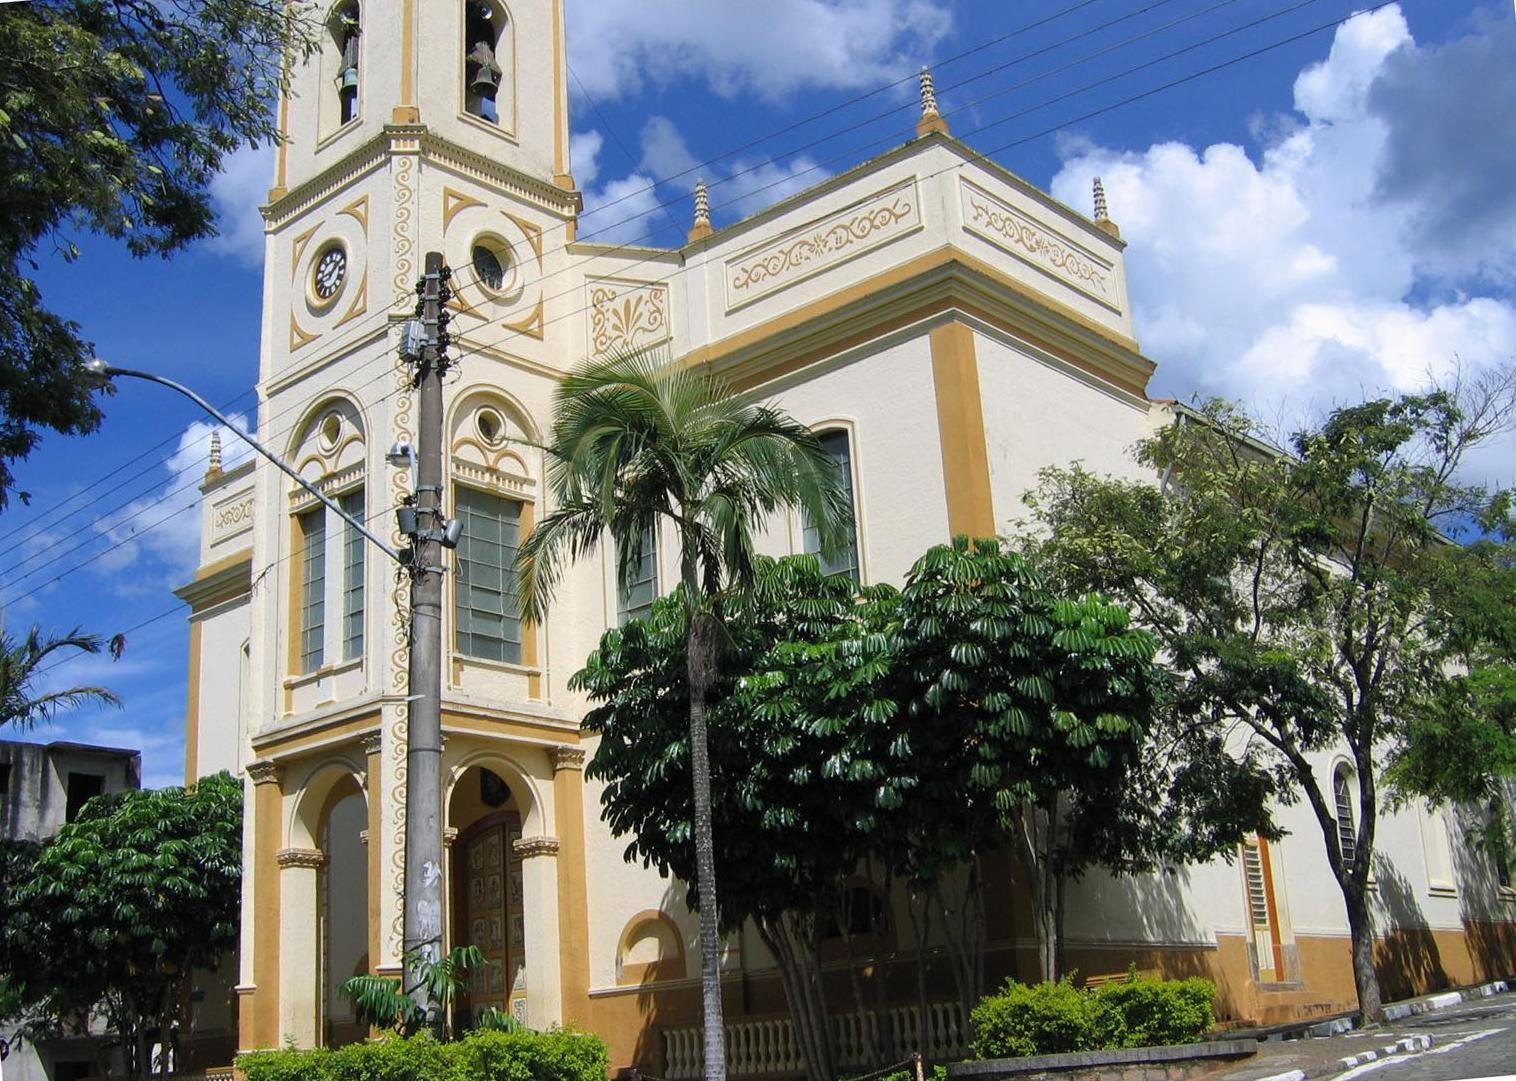 Ficheiro:Igreja matriz de Piracaia.jpg – Wikipédia, a enciclopédia livre